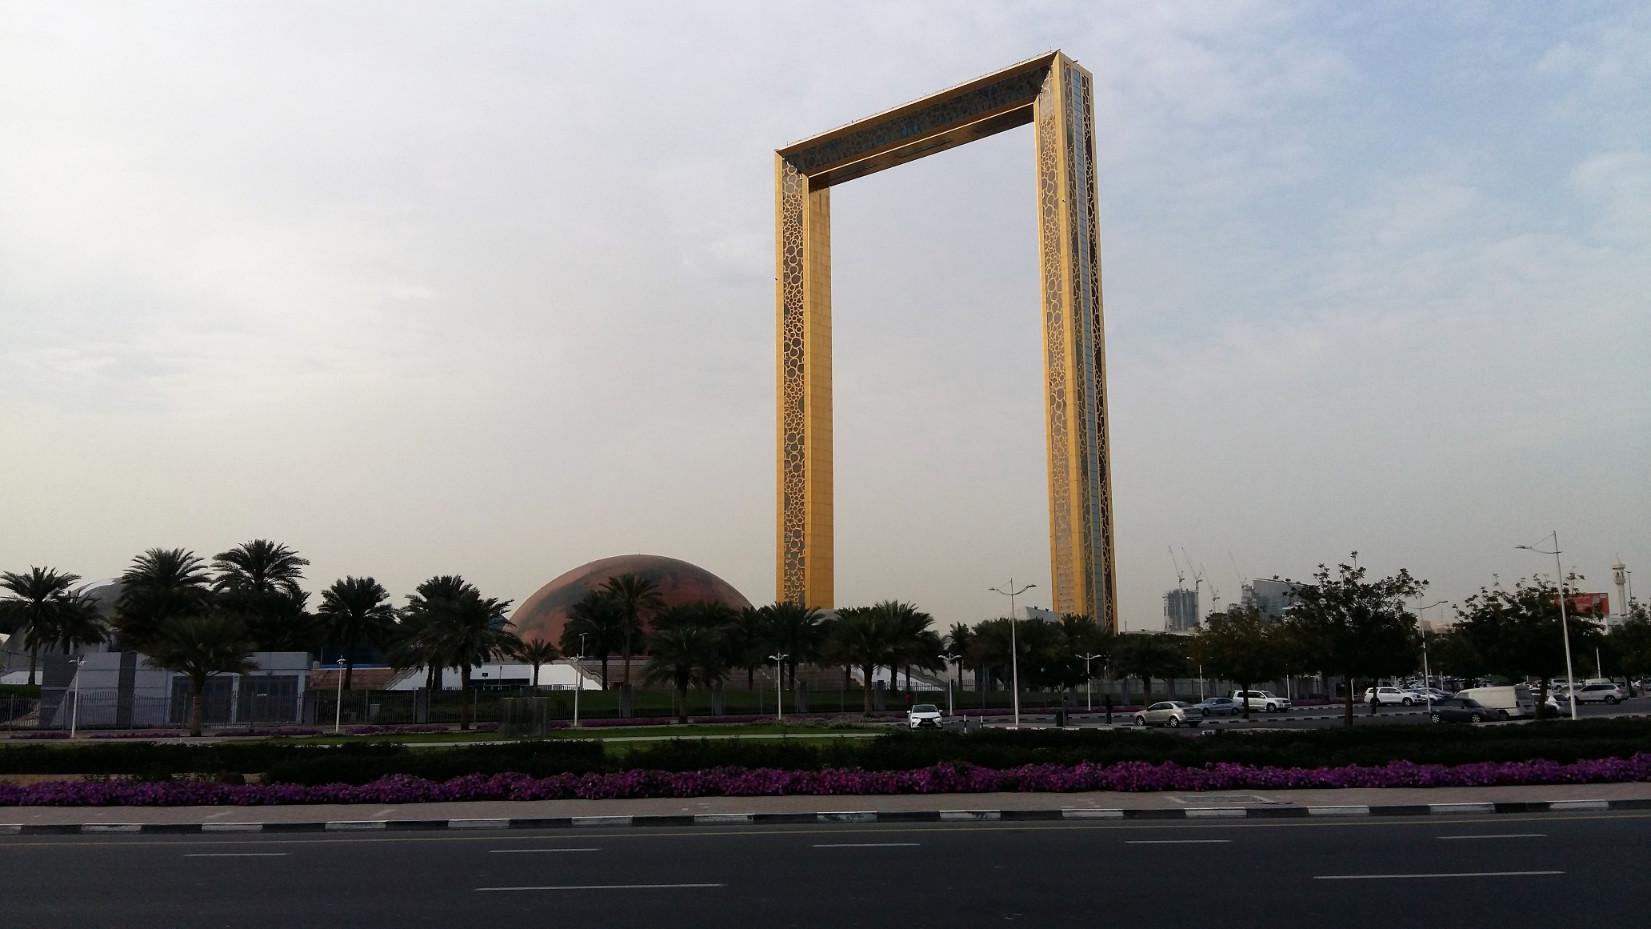 Jellemző: képkeret alakú épület, turistalátványosság, nemrég adták át, és persze fel lehet menni